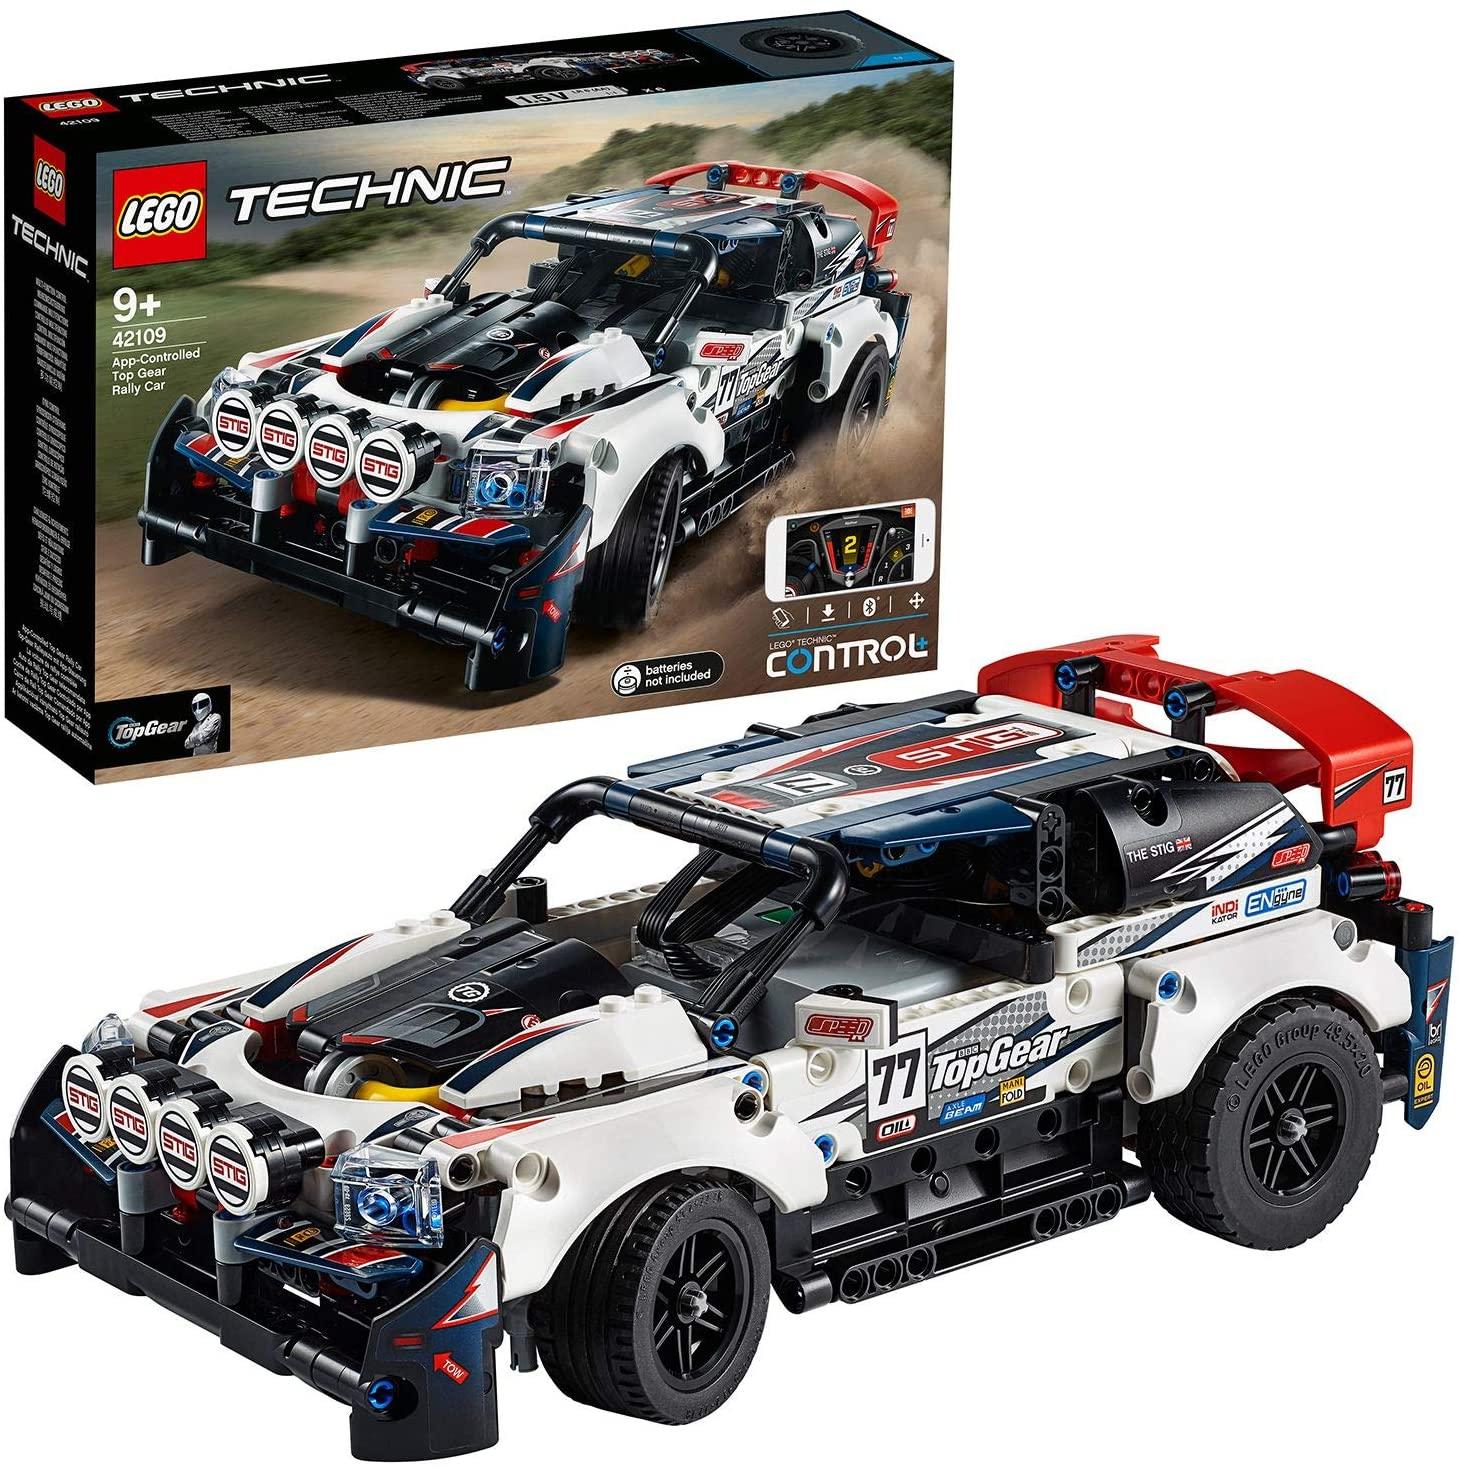 Jeu de construction Lego Technic 42109 - La voiture de rallye contrôlée